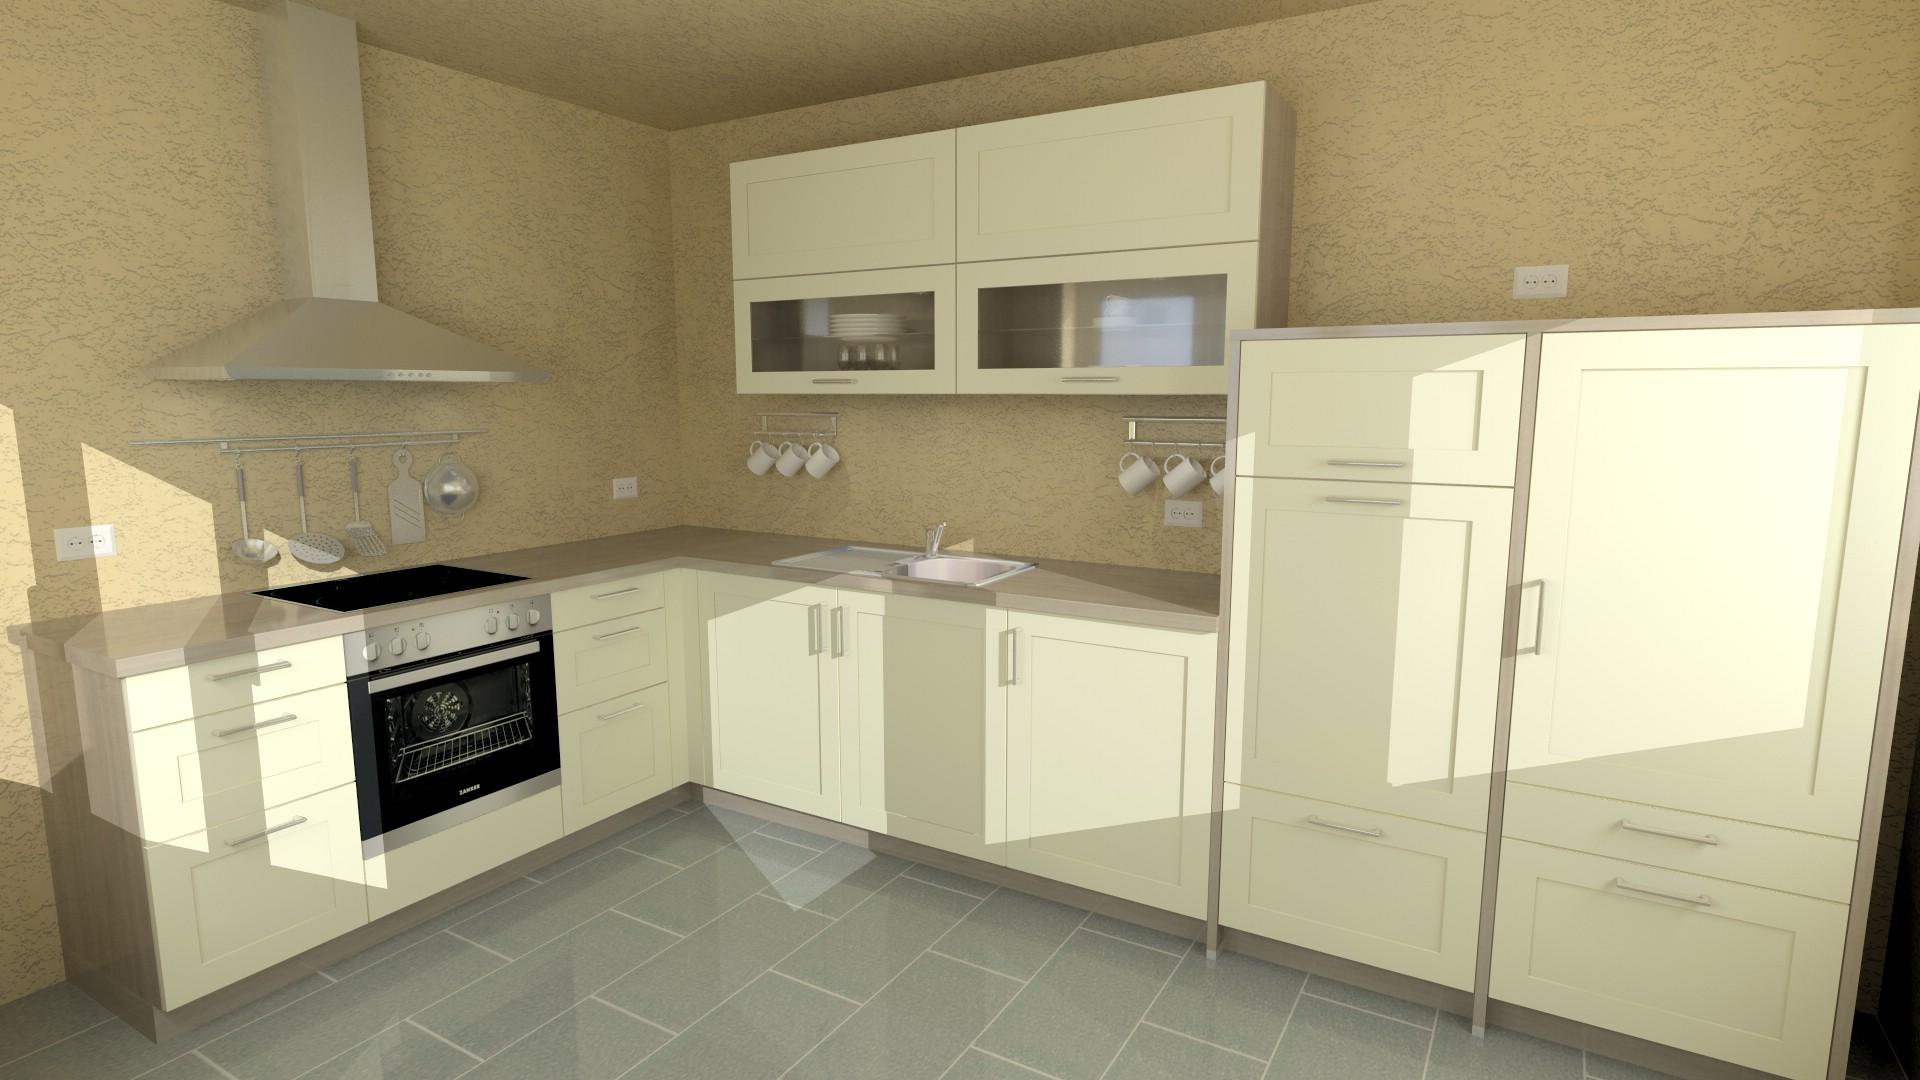 Fantastisch Küchenecke Essgarnituren Bilder - Ideen Für Die Küche ...